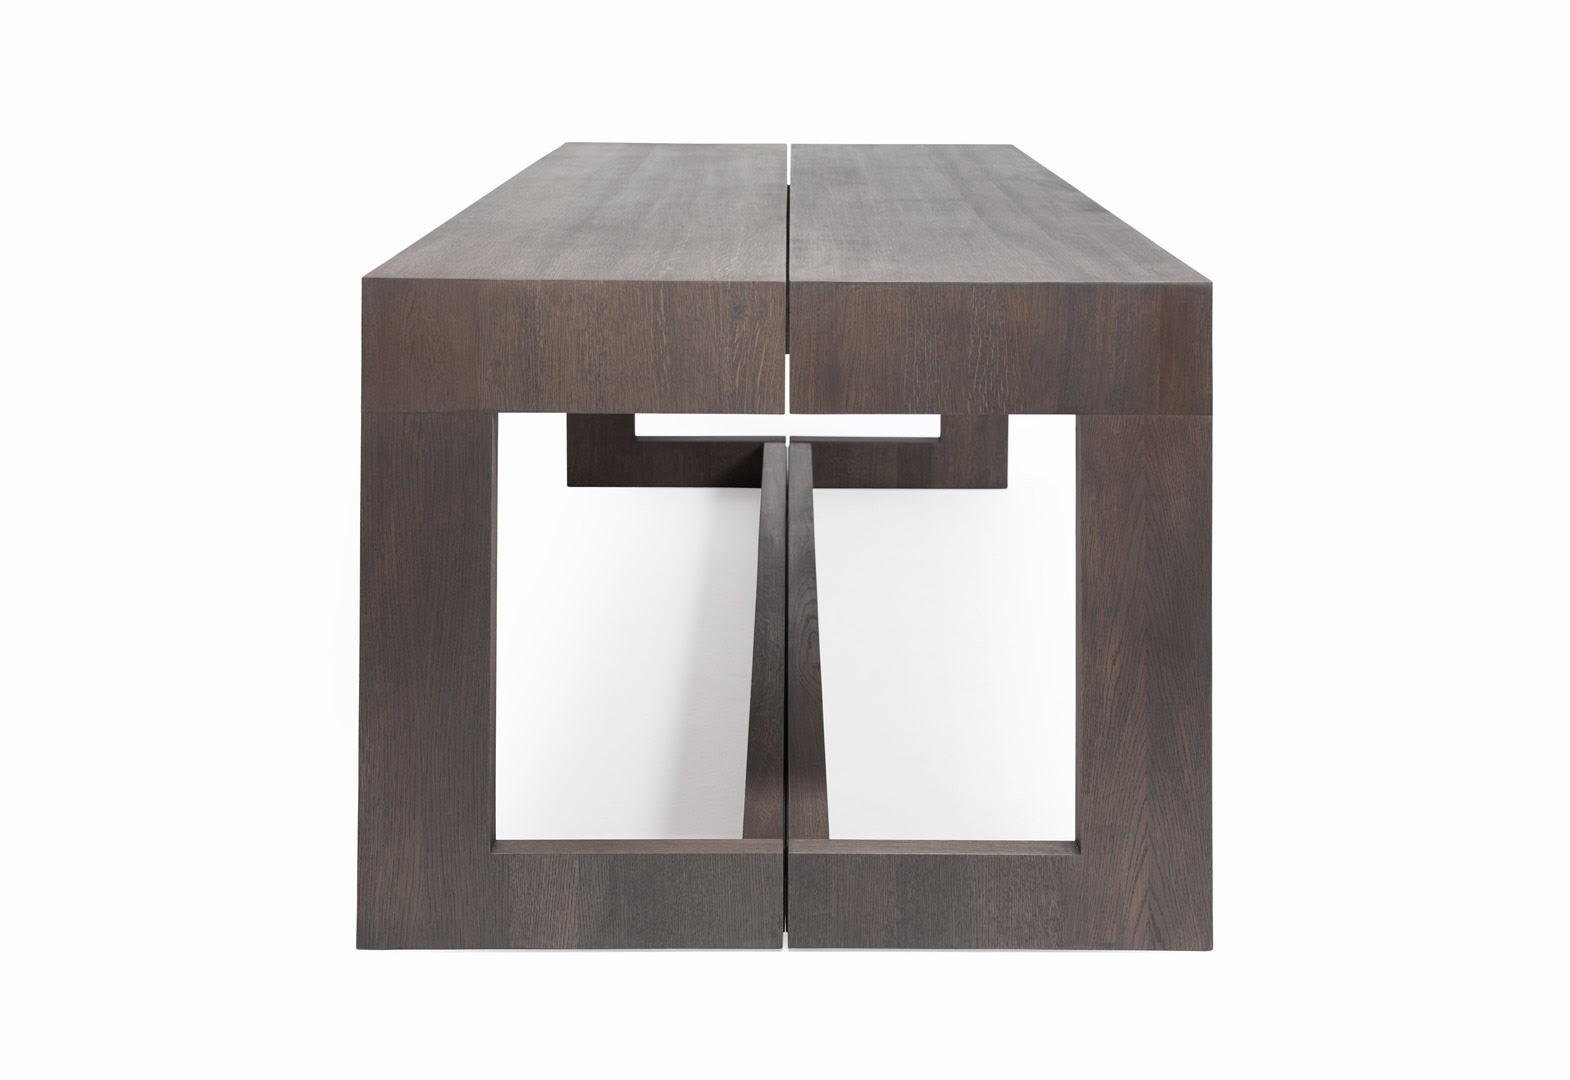 Eetkamertafel Design : Eetkamertafels.com - de mooiste design tafels ...